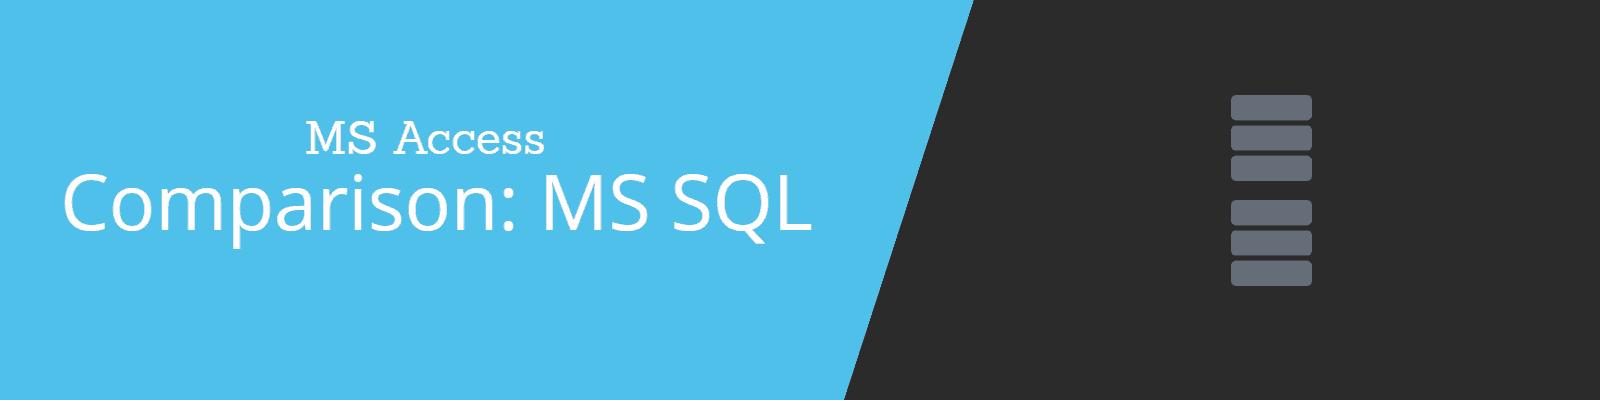 MS Access vs MS SQL